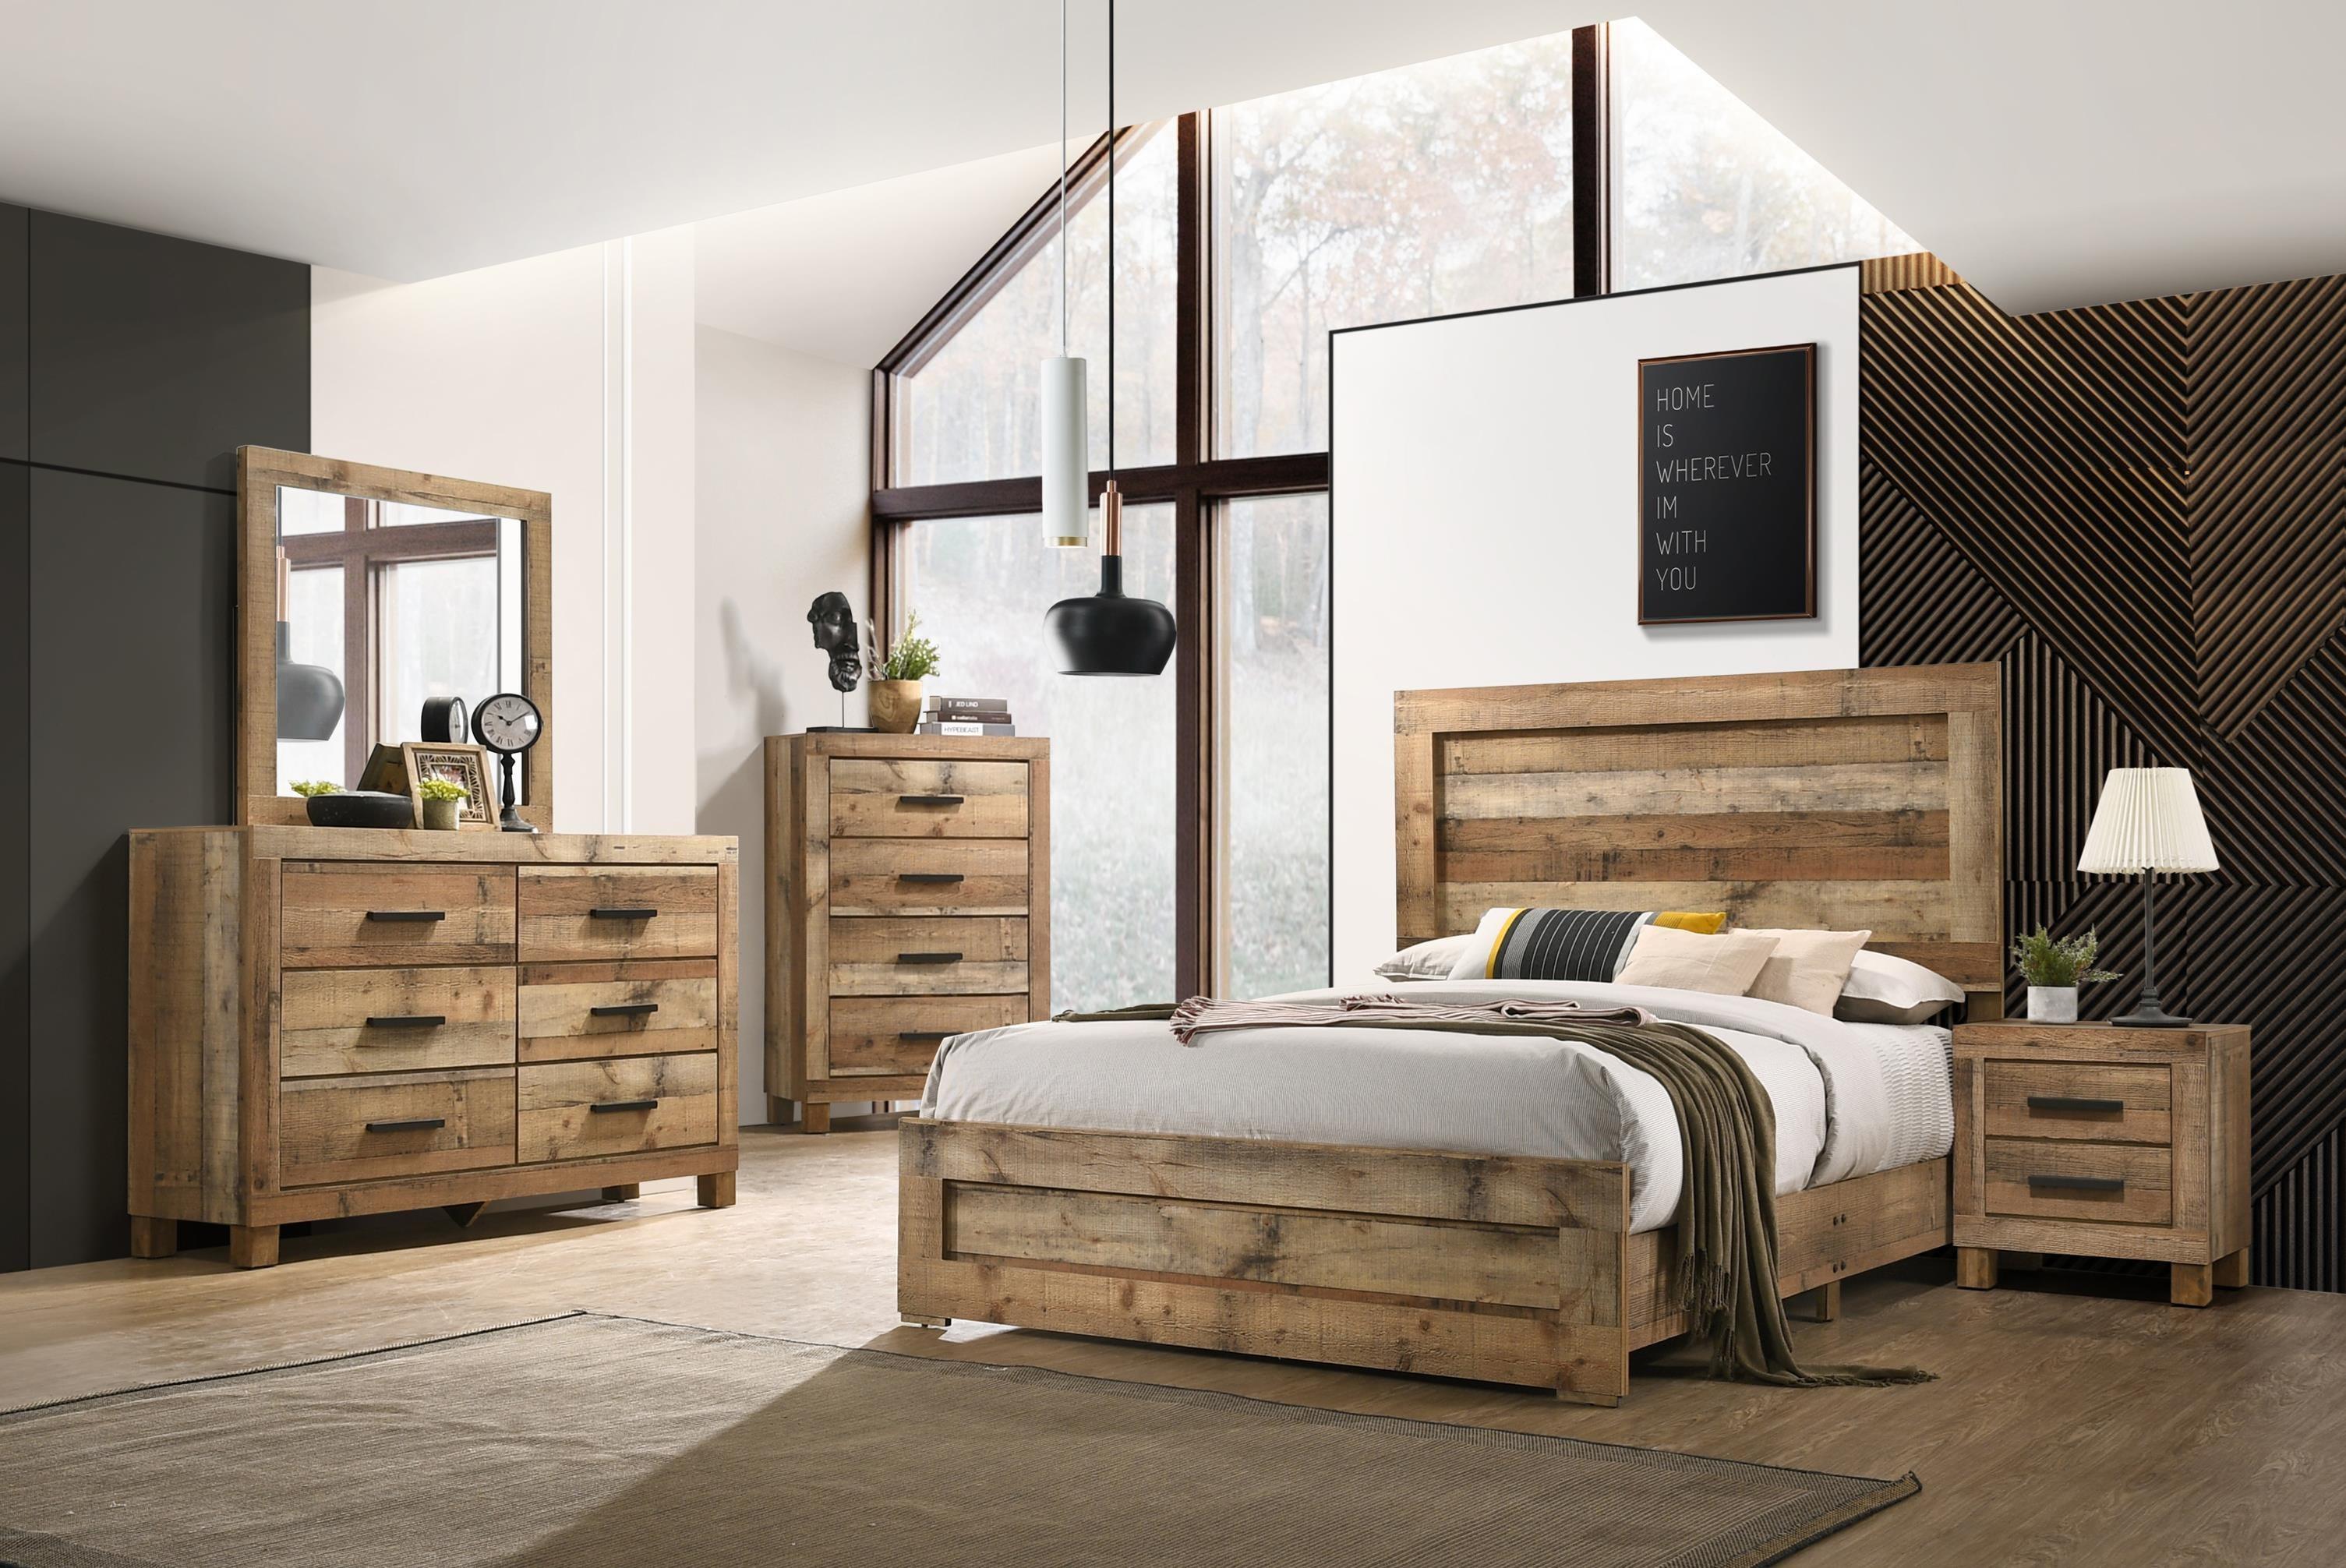 7 Piece Full Bedroom Set